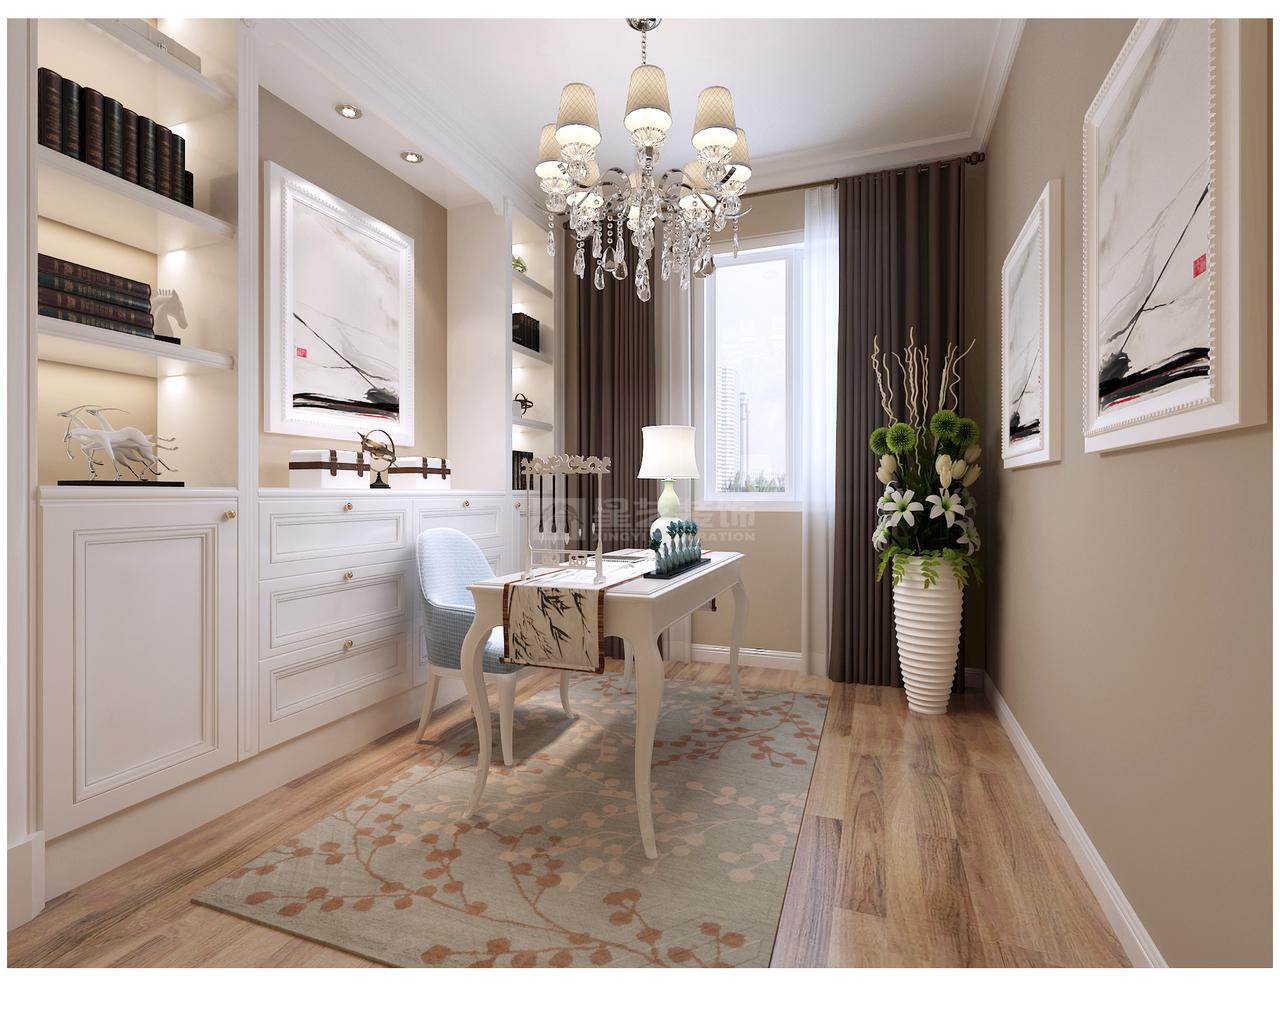 乐湾国际简约,简约,单身公寓,120.0㎡